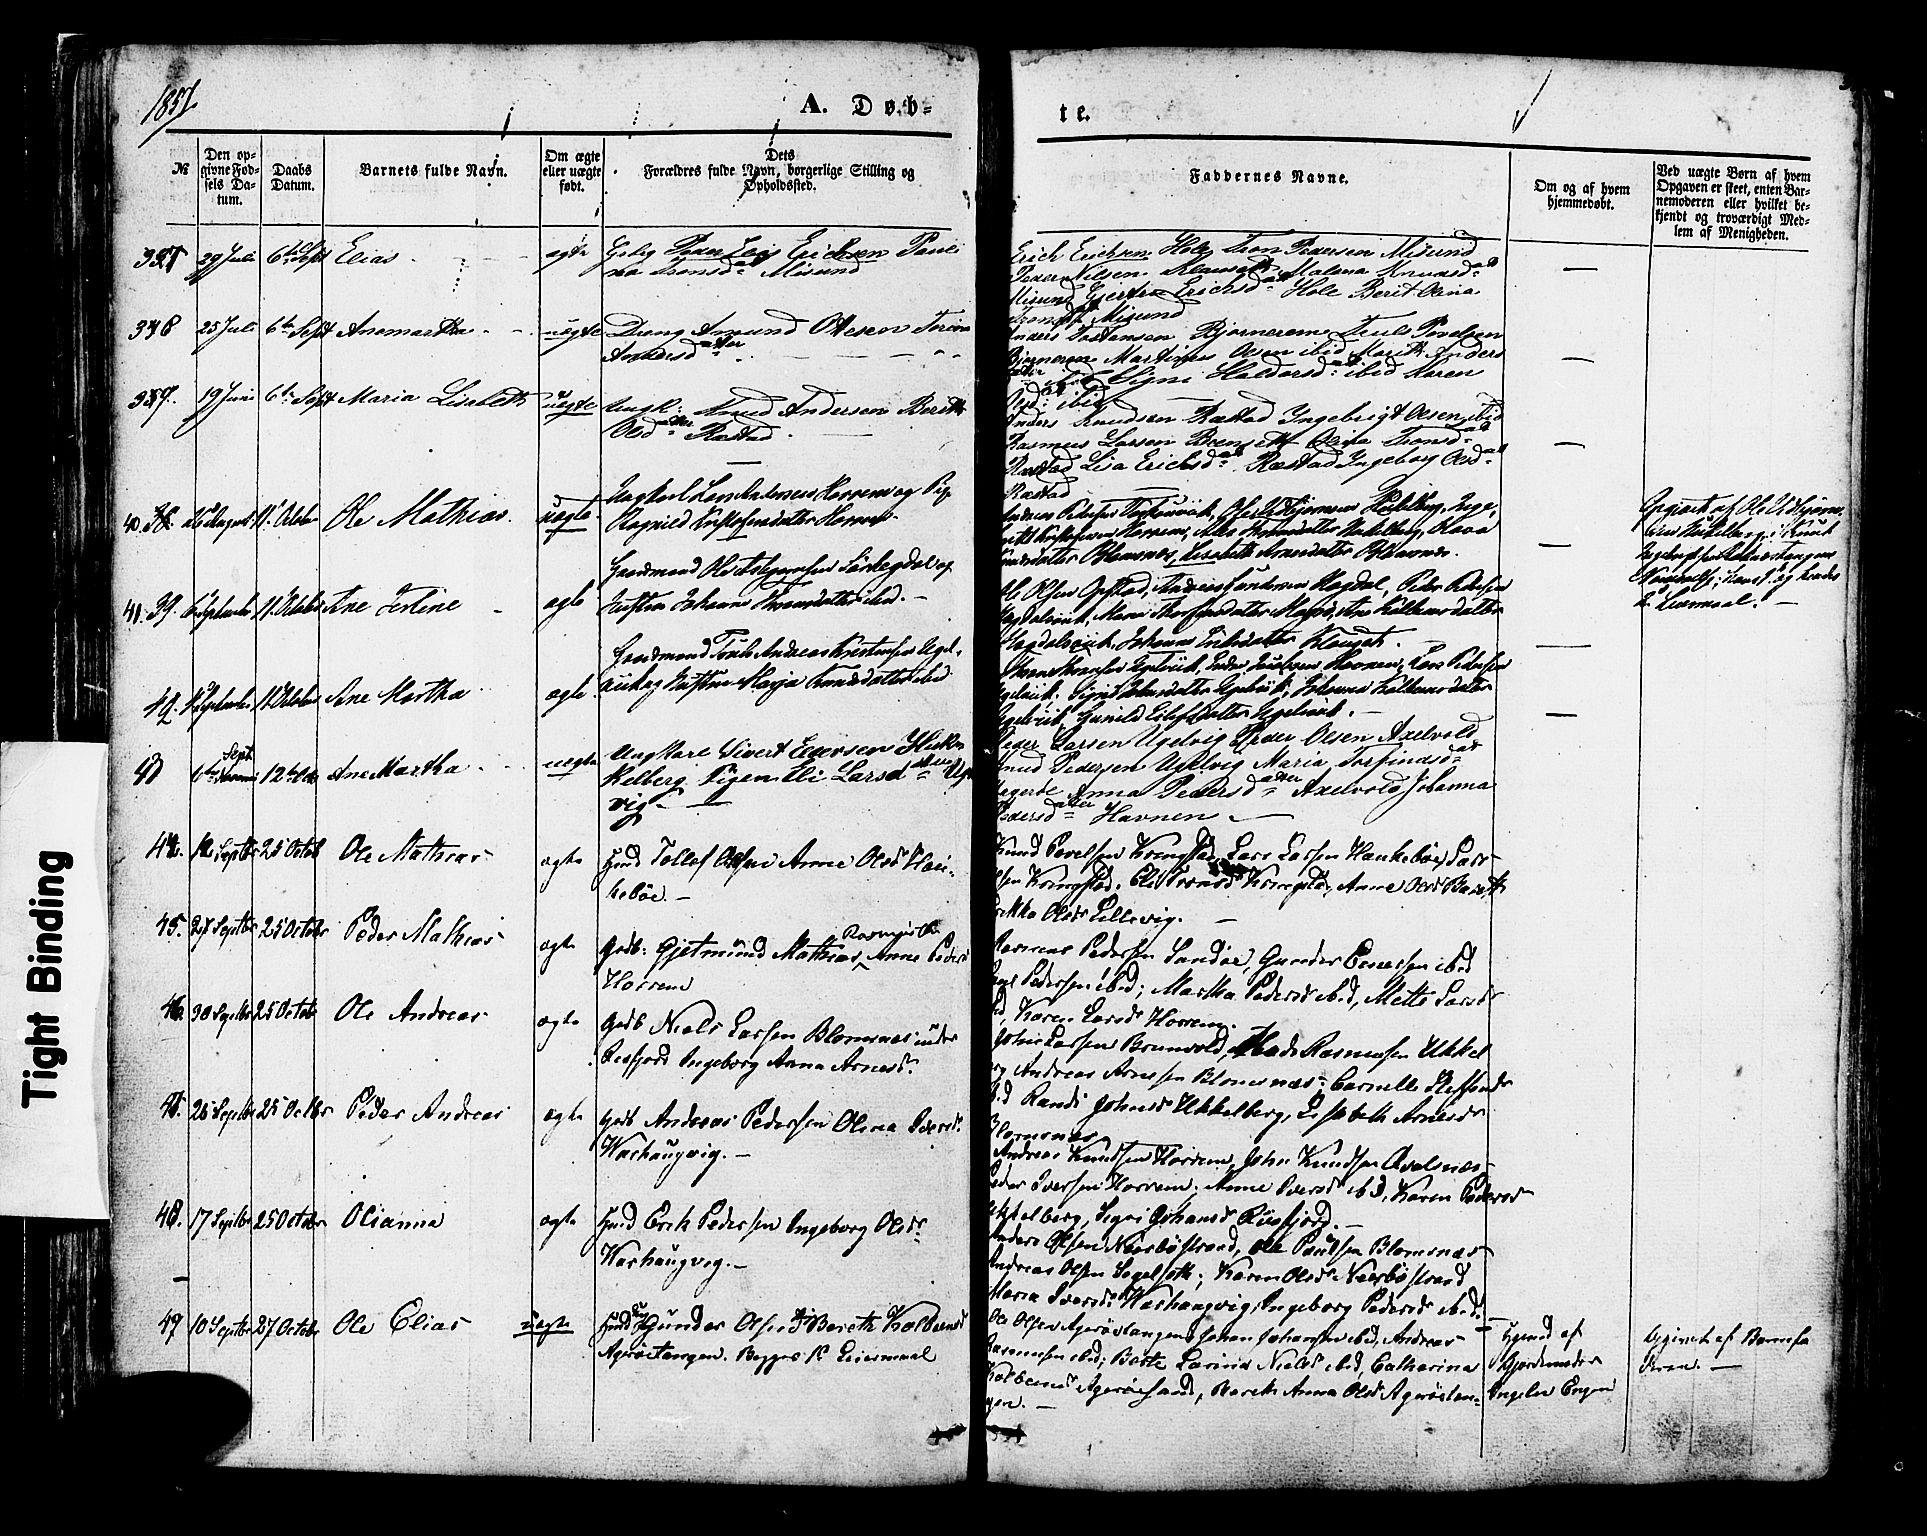 SAT, Ministerialprotokoller, klokkerbøker og fødselsregistre - Møre og Romsdal, 560/L0719: Ministerialbok nr. 560A03, 1845-1872, s. 37